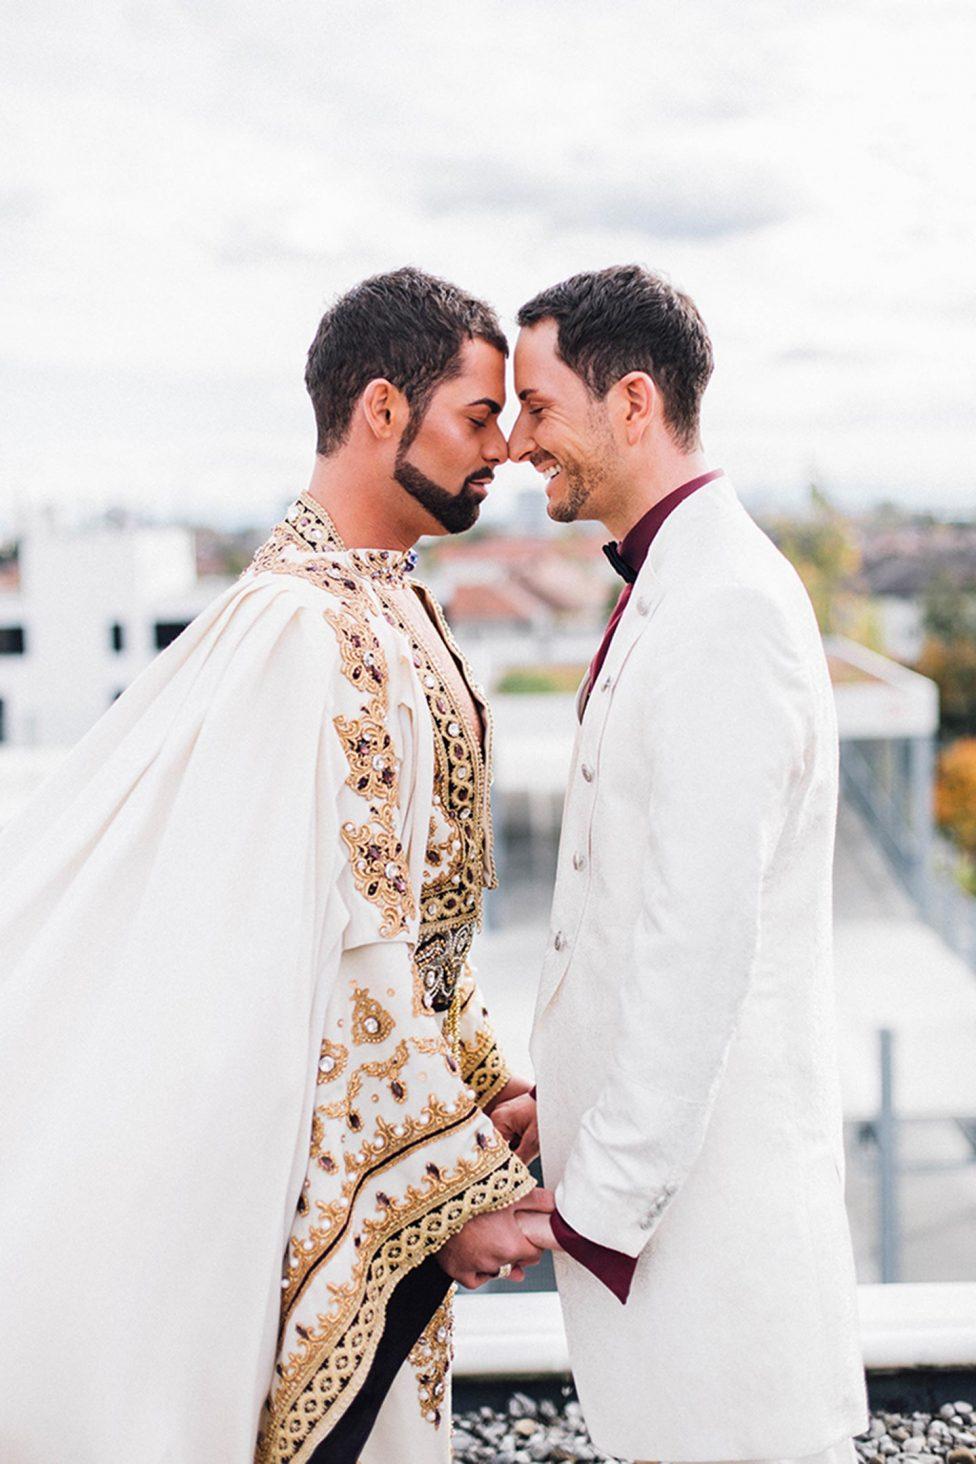 Daniel & Roman: Fête Blanche für Bräutigam und Bräutigam